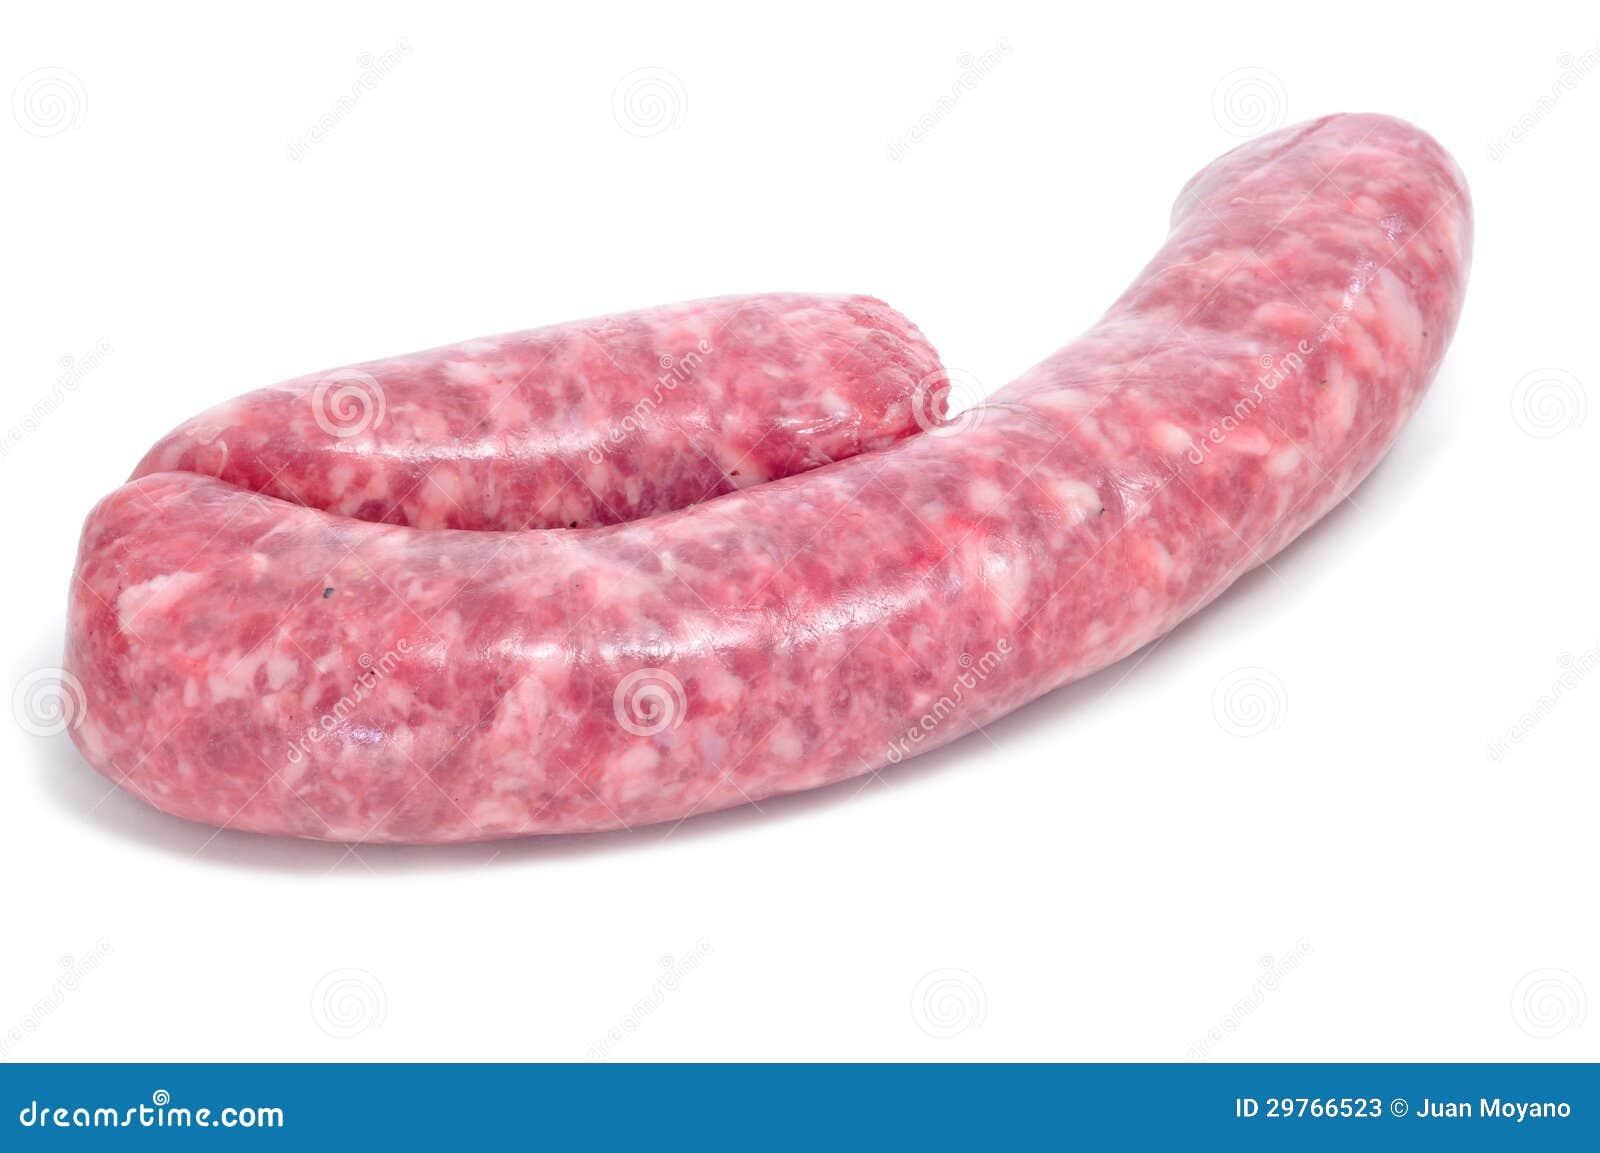 salchicha de cerdo cruda